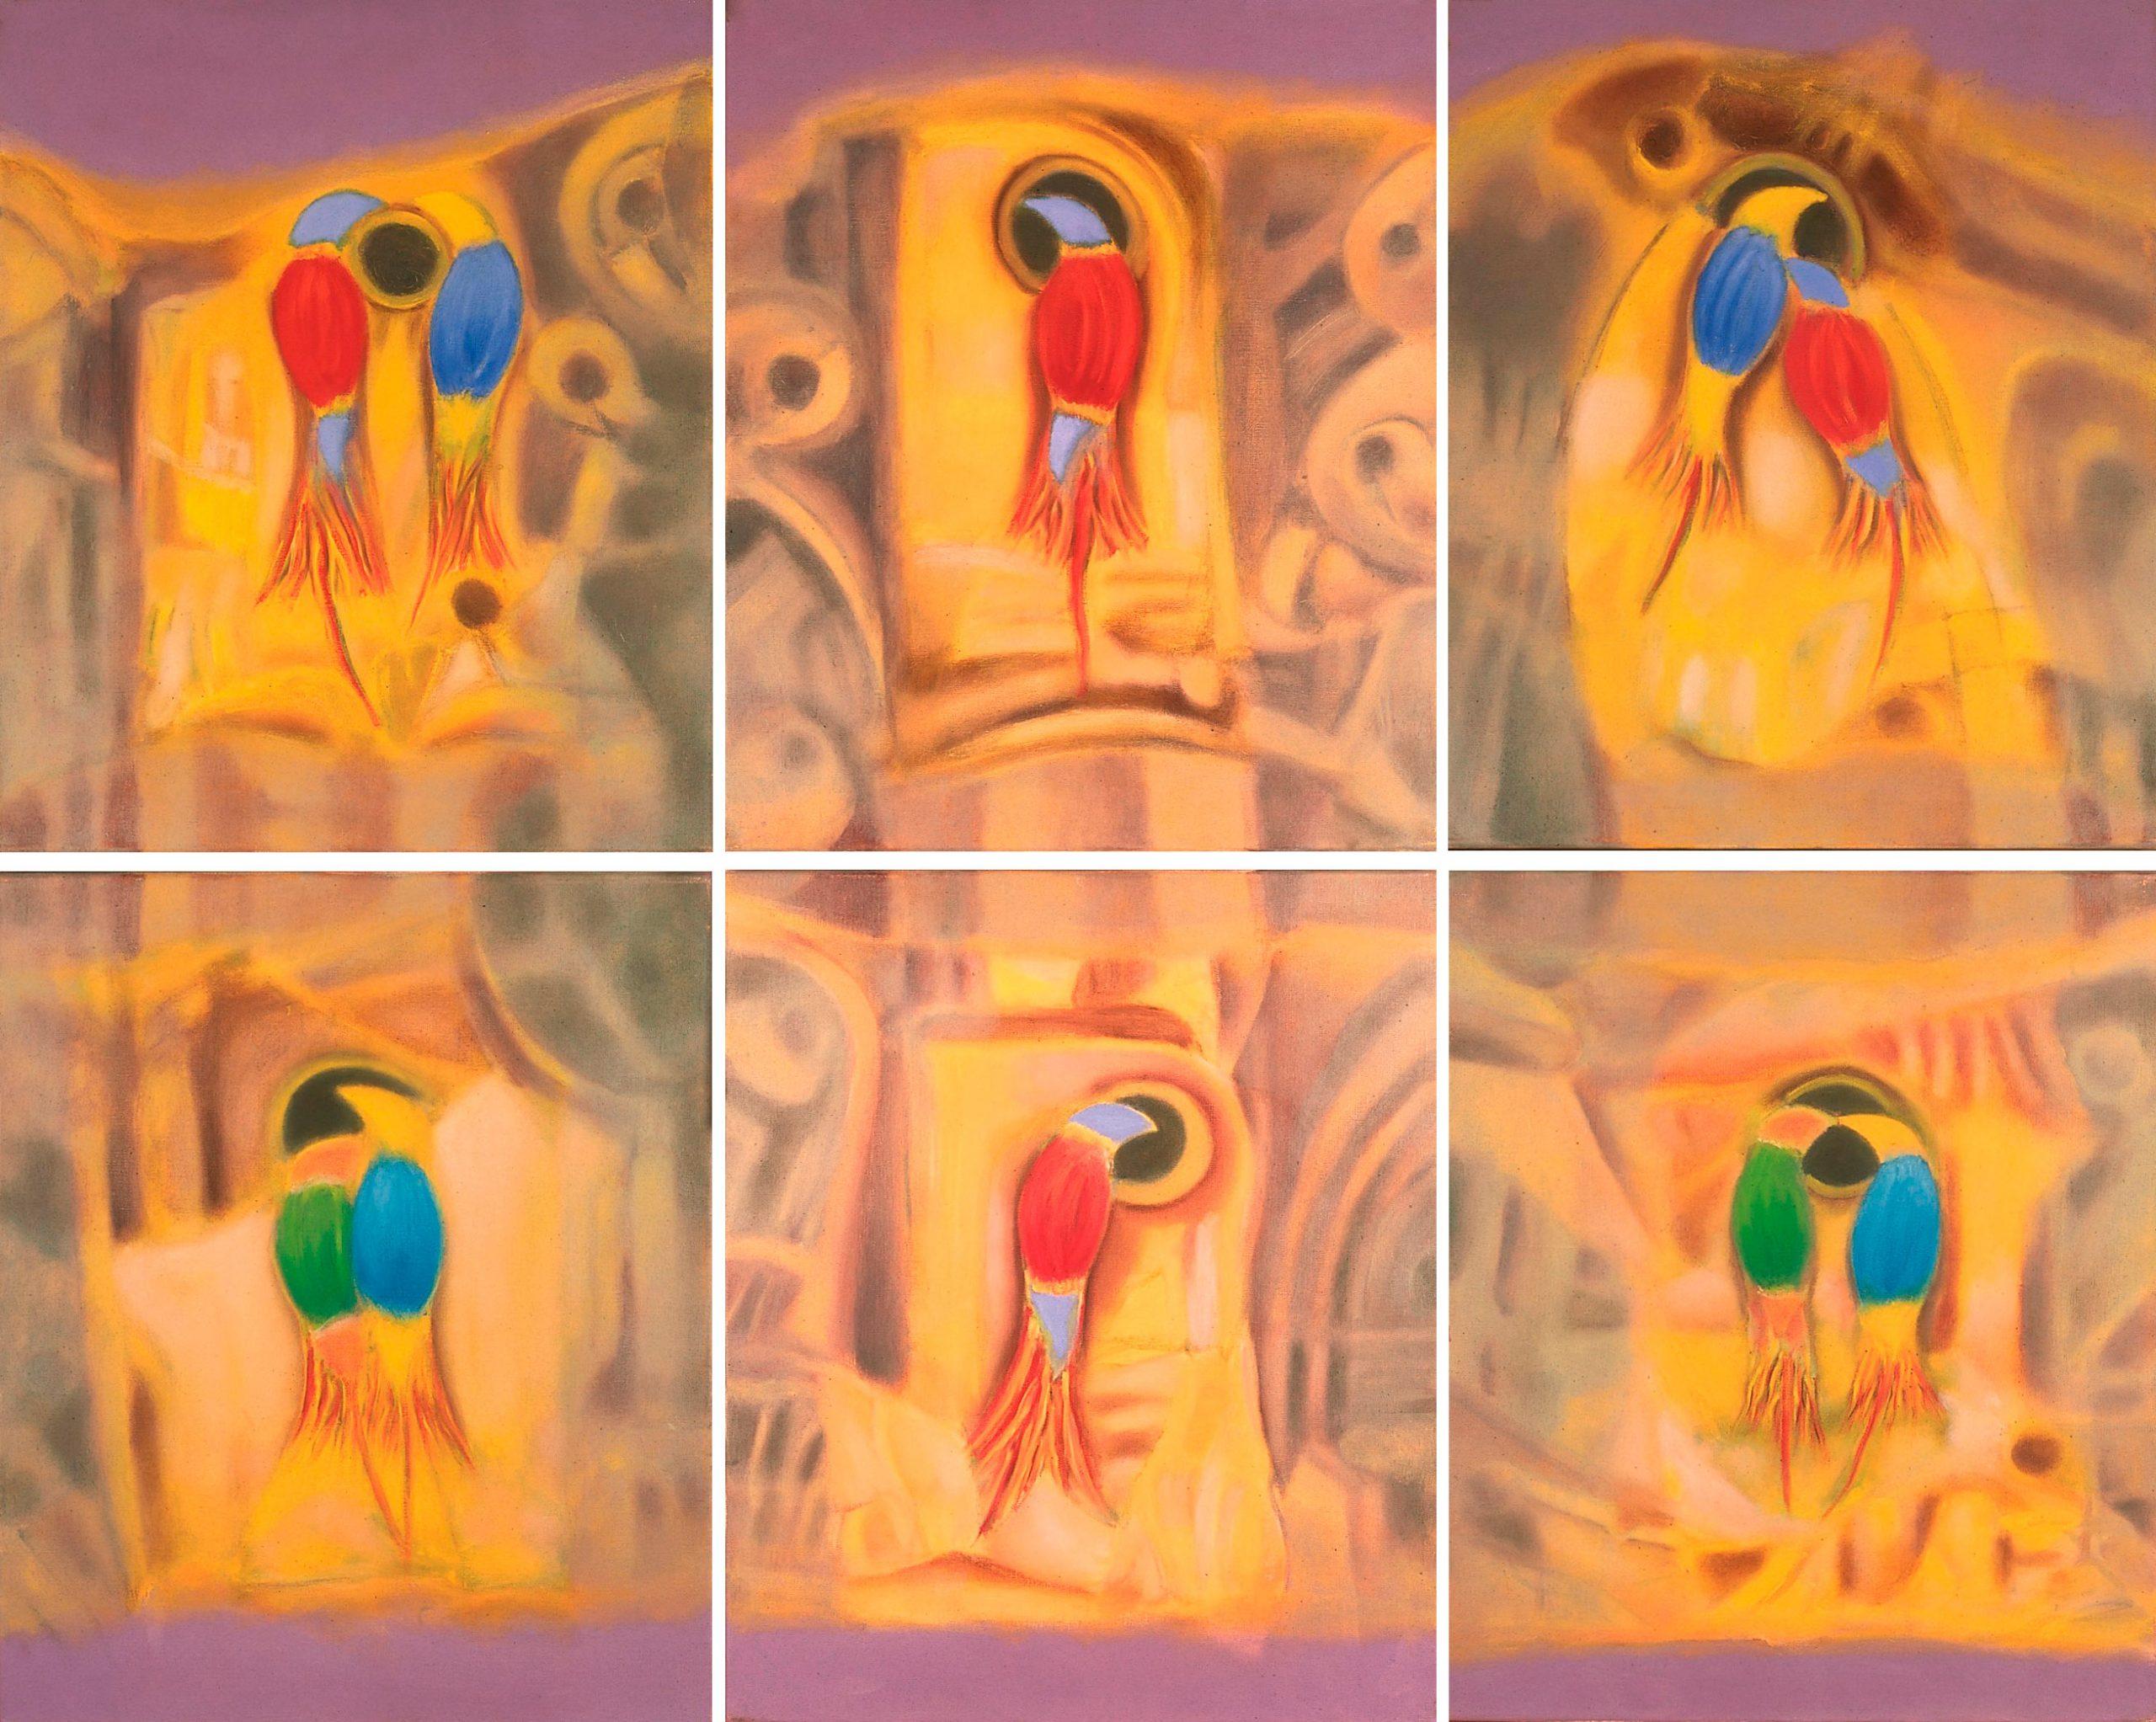 Aves do Paraiso VIII. Óleo 55x46cm x6